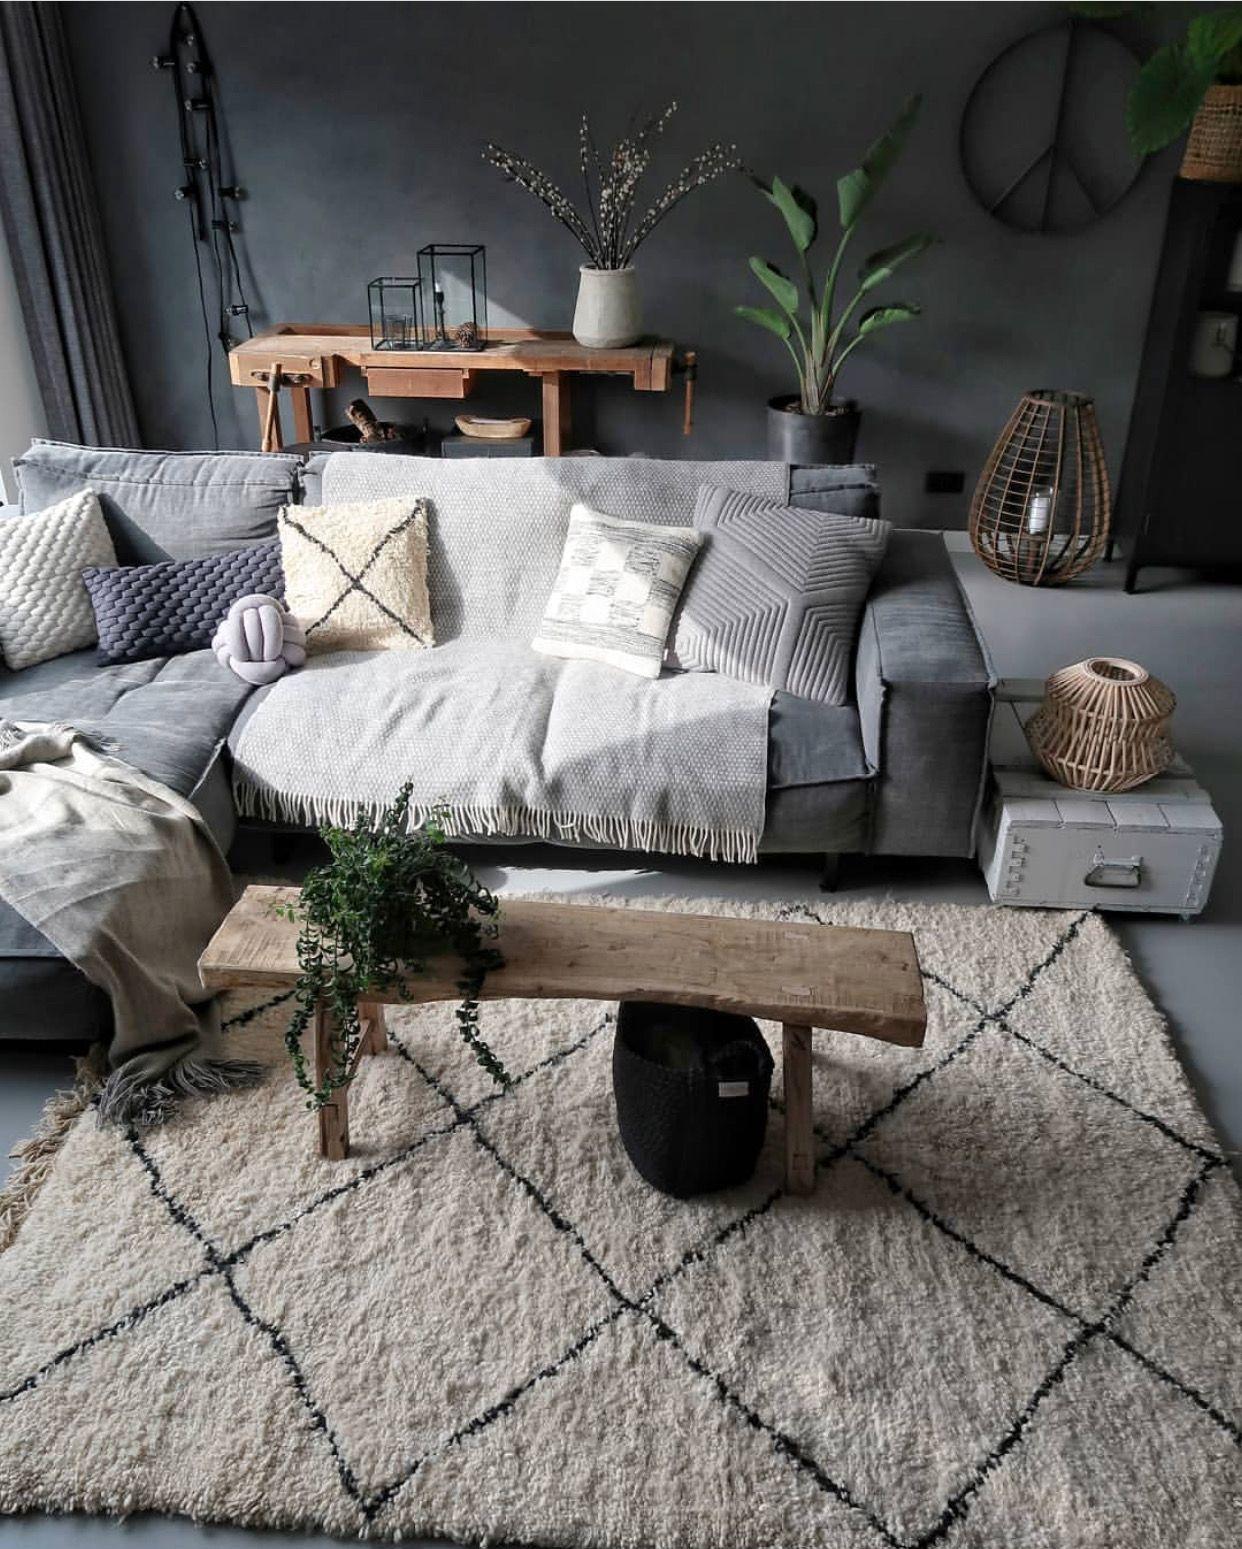 Scandinavian Interior Design Scandinavian Interior Living Room Decor Rustic Living Room Scandinavian Rustic Living Room #rustic #scandinavian #living #room